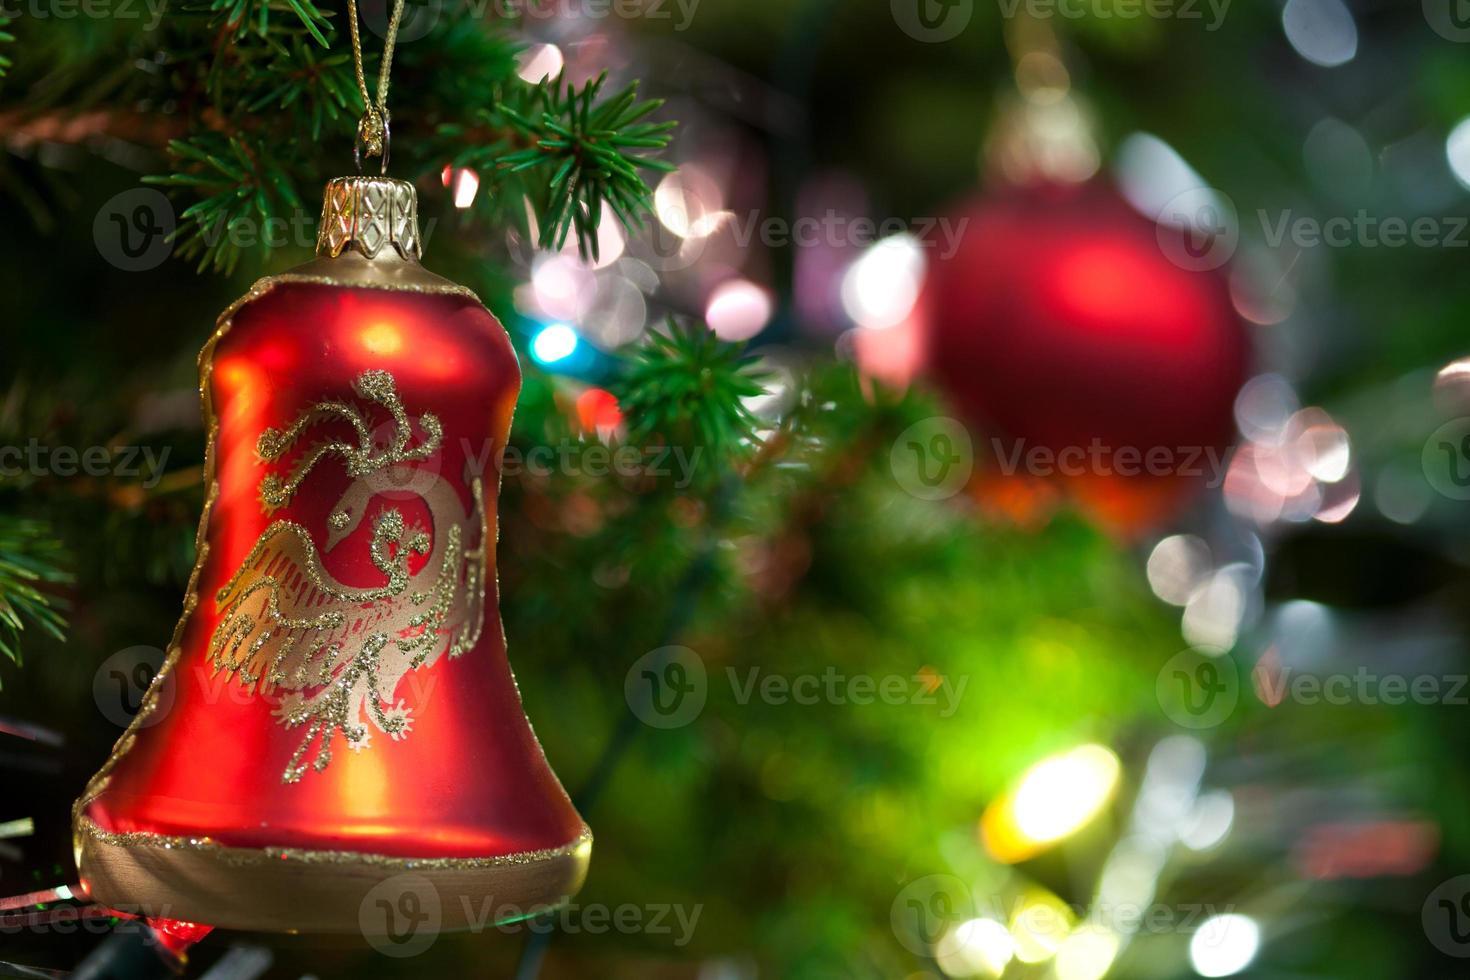 Adorno de navidad con árbol iluminado en el fondo, espacio de copia foto